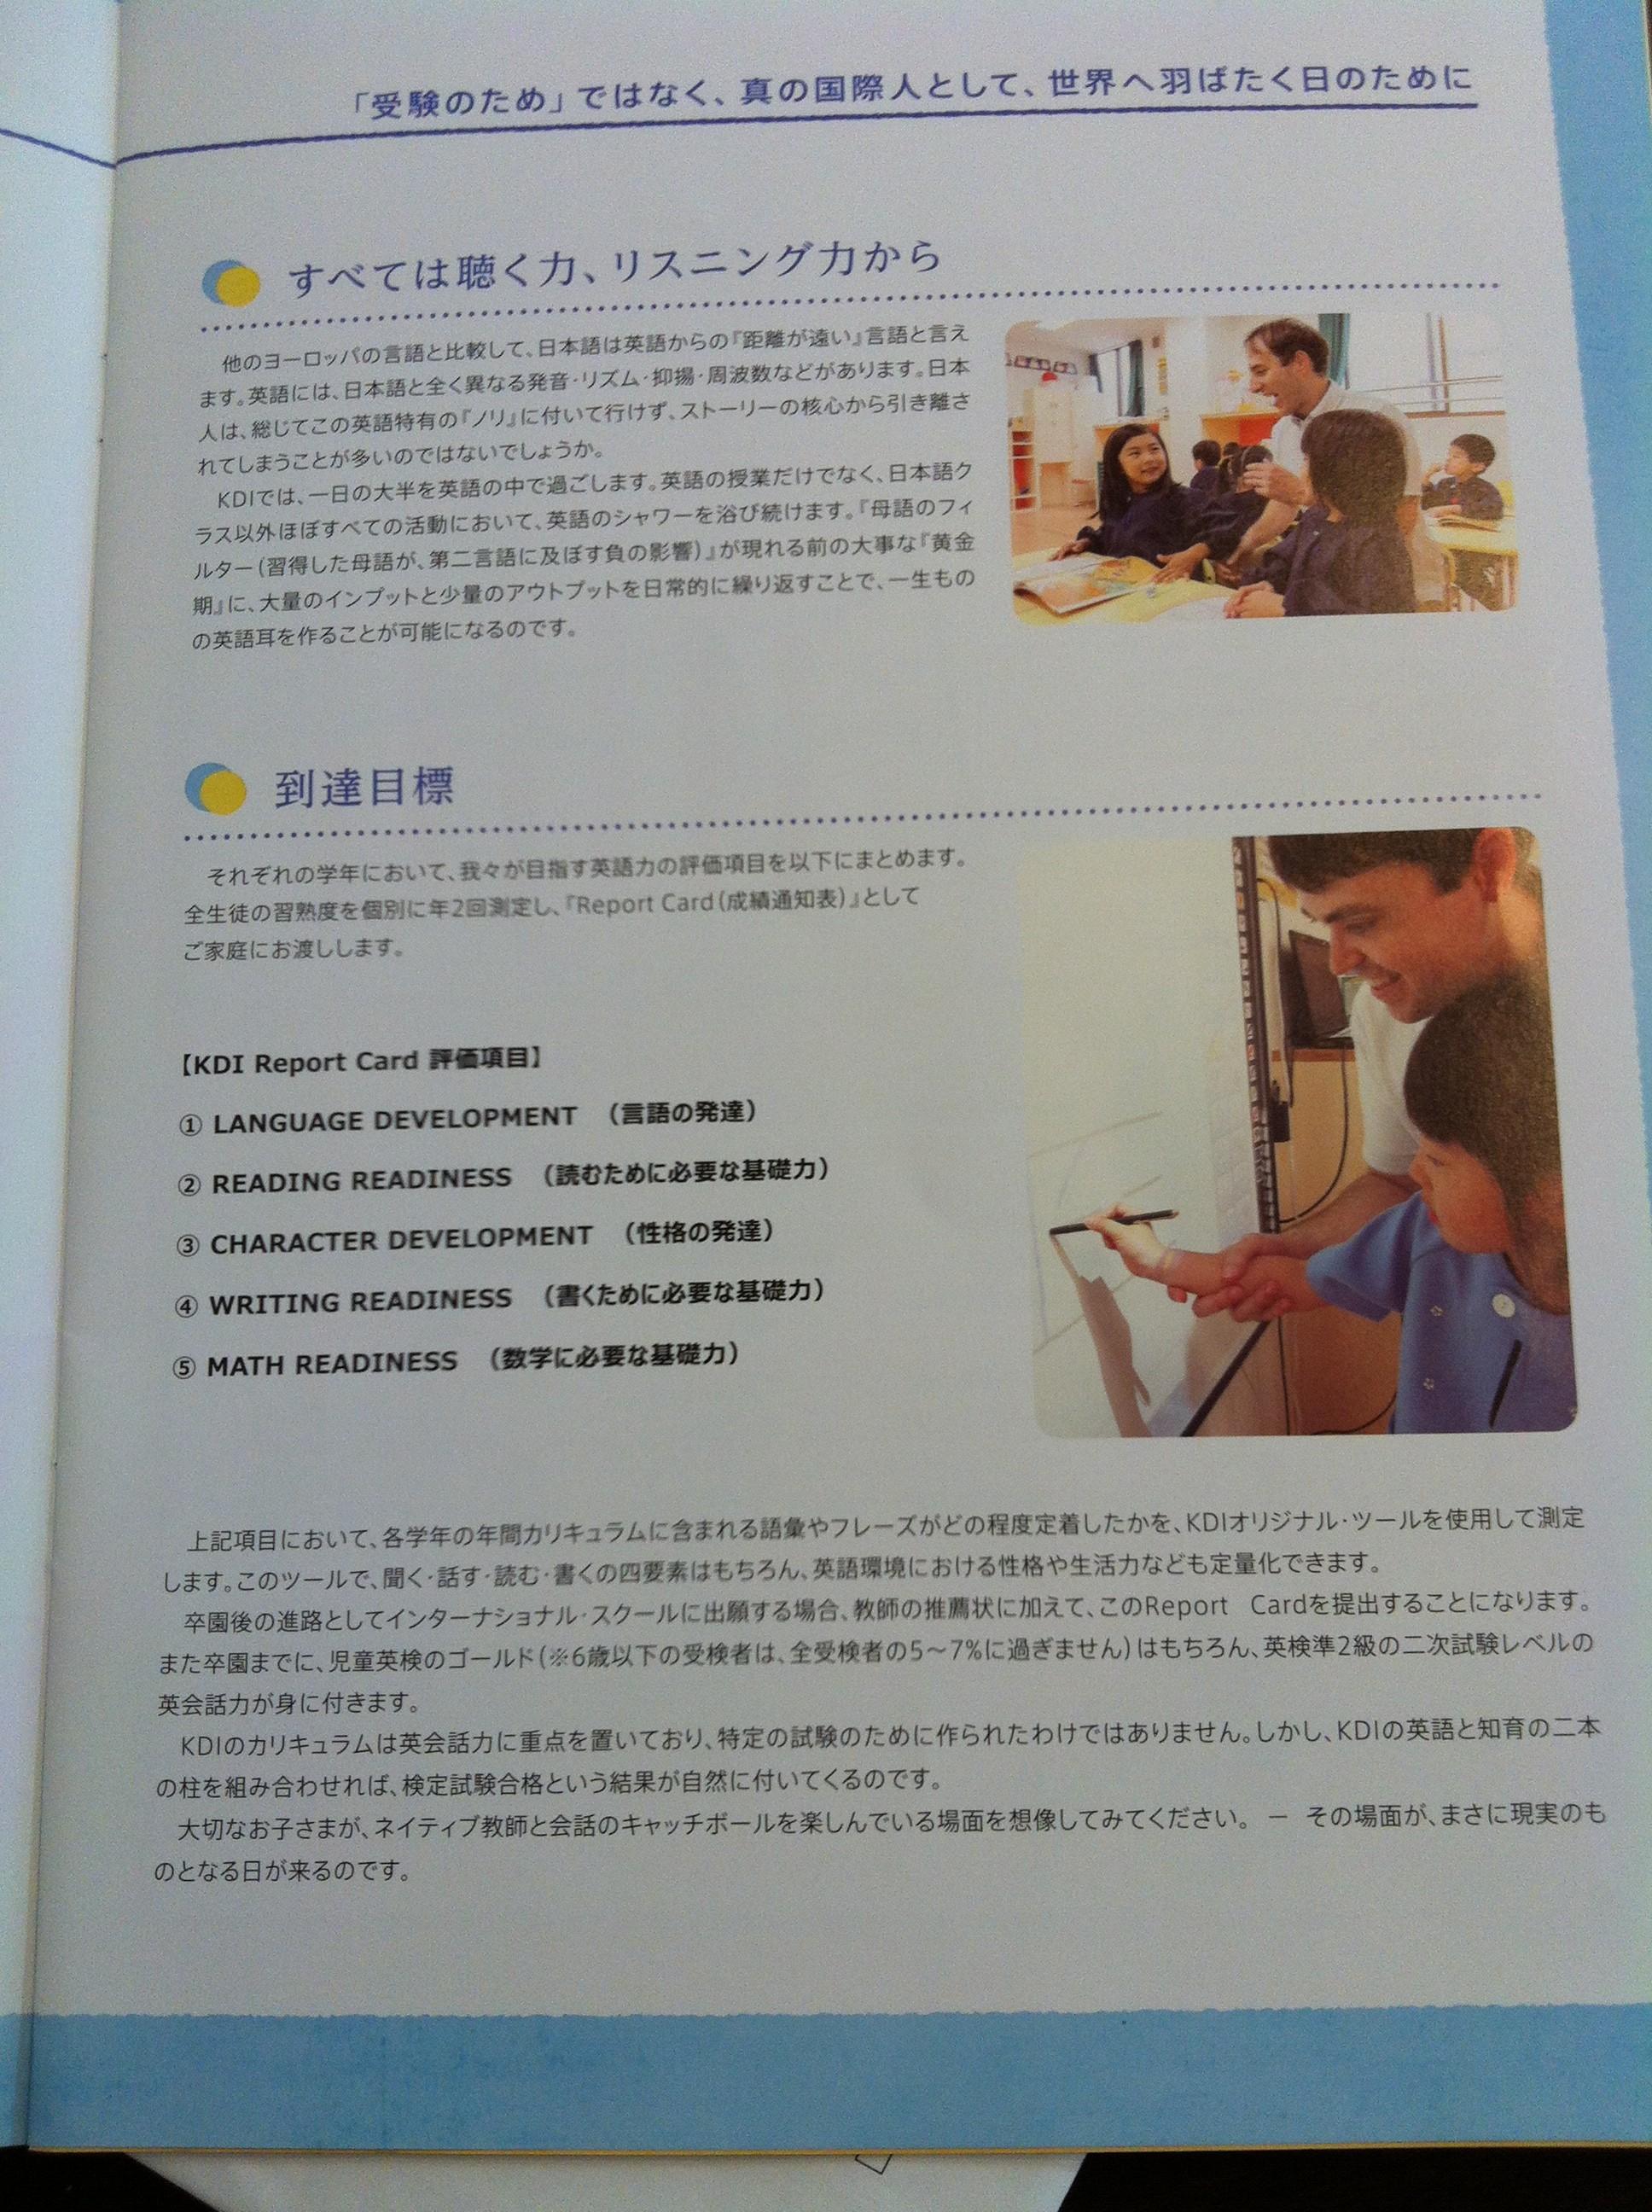 キッズデュオ(kids duo)の説明会で配られたパンフレット8ページ目の画像キャプチャ